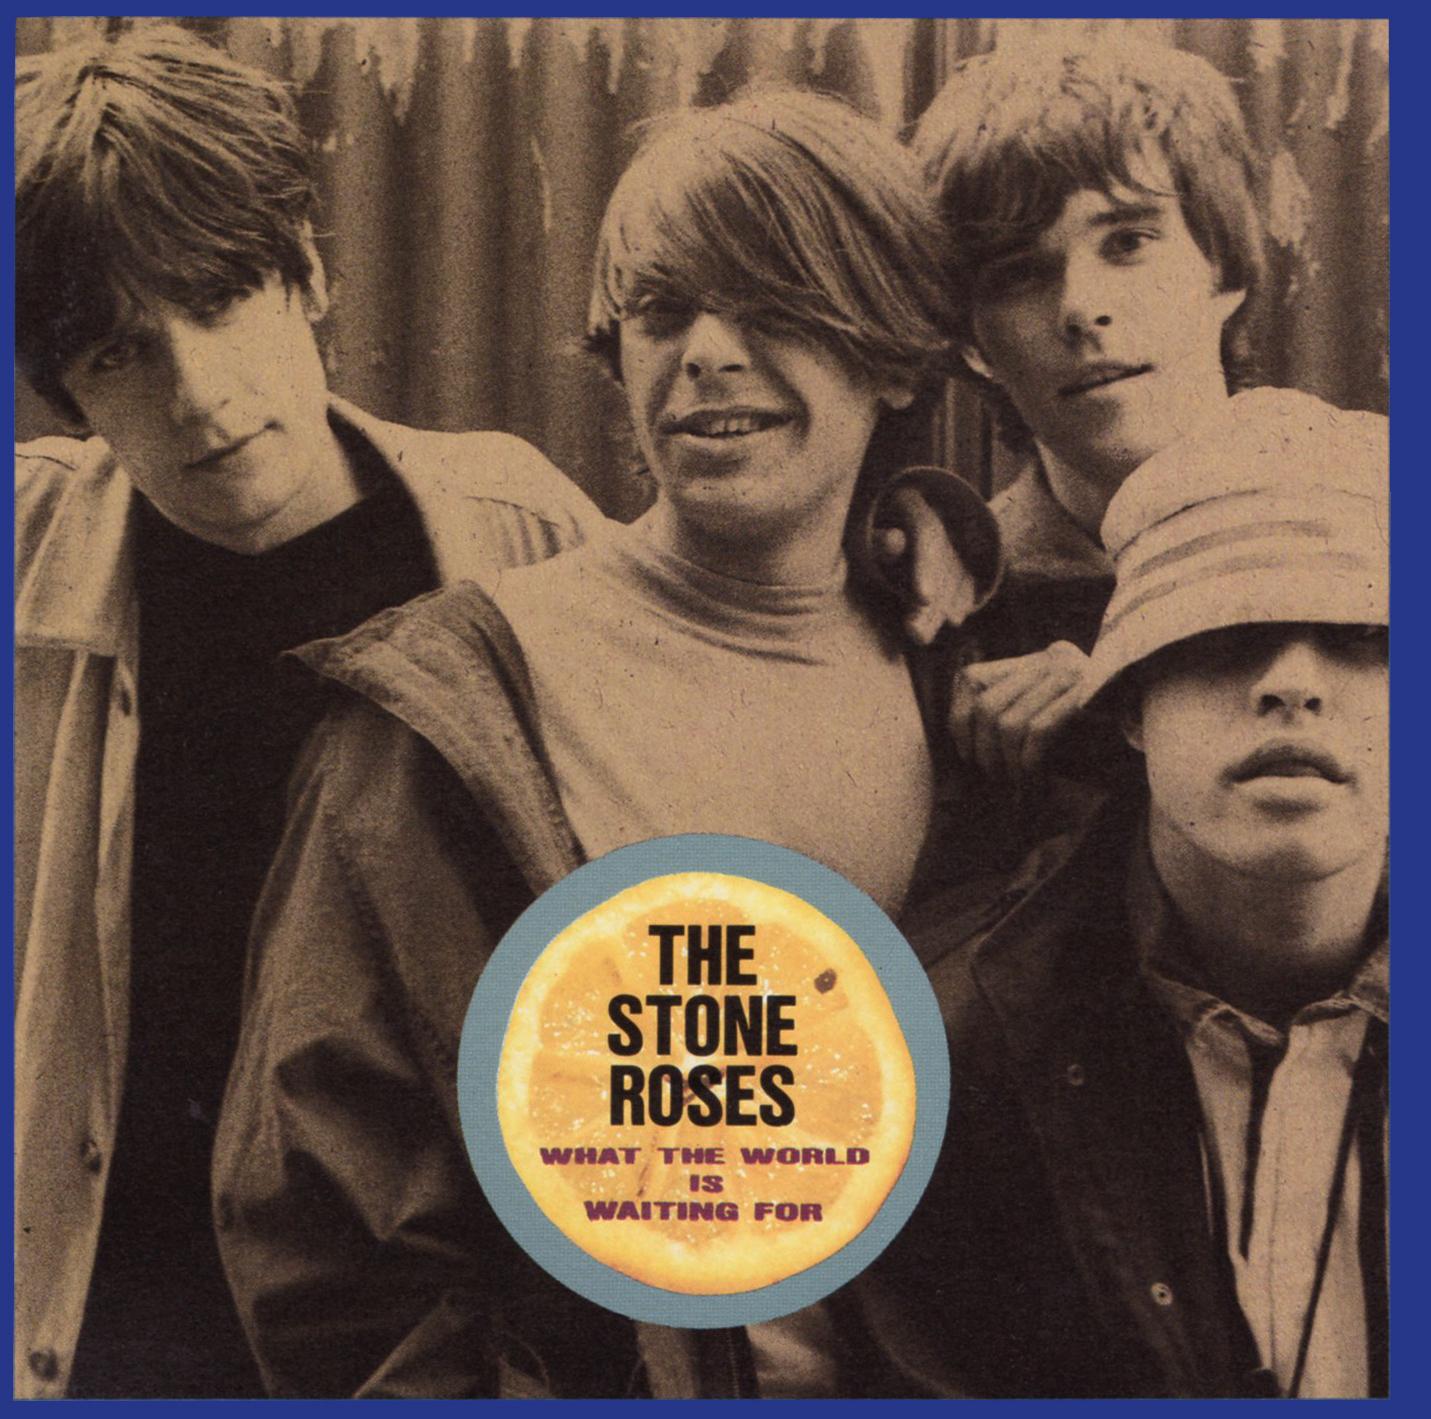 The Stone Roses (ザ・ストーン・ローゼス) 来日記念ミニアルバム『What The World Waiting For (ホワット・ザ・ワールド・イズ・ウェイティング・フォー)』(1989年11月28日発売) 高画質CDジャケット画像